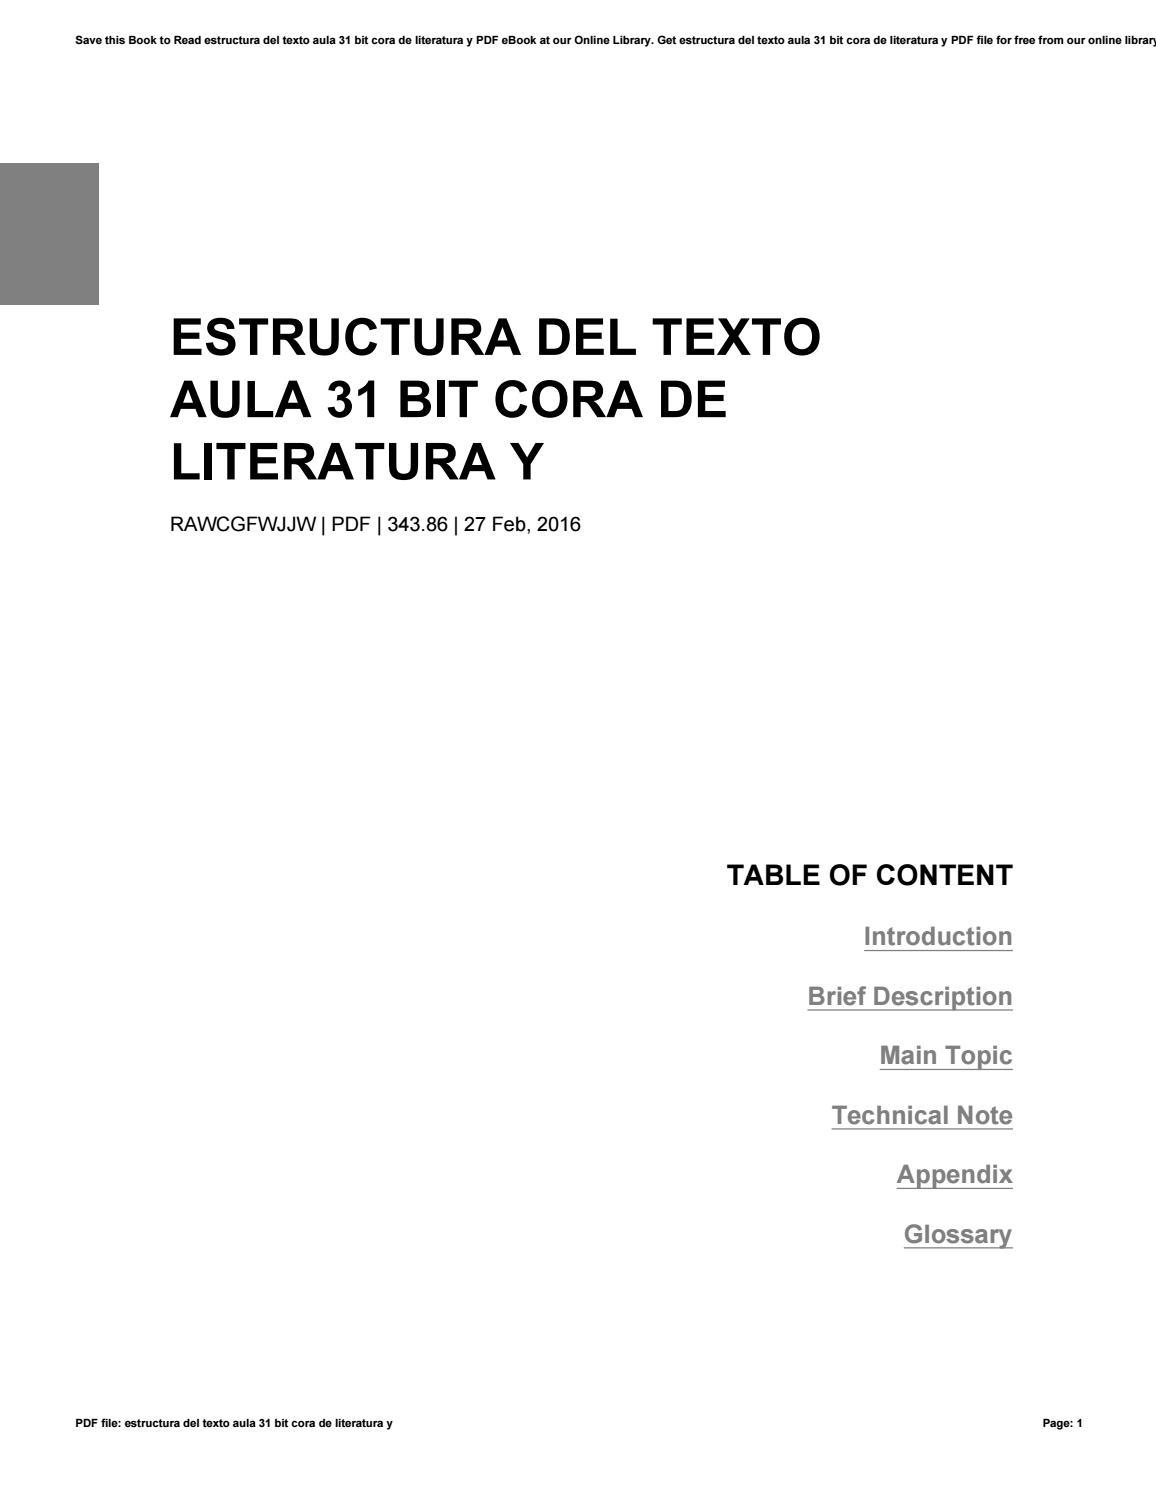 Estructura Del Texto Aula 31 Bit Cora De Literatura Y By